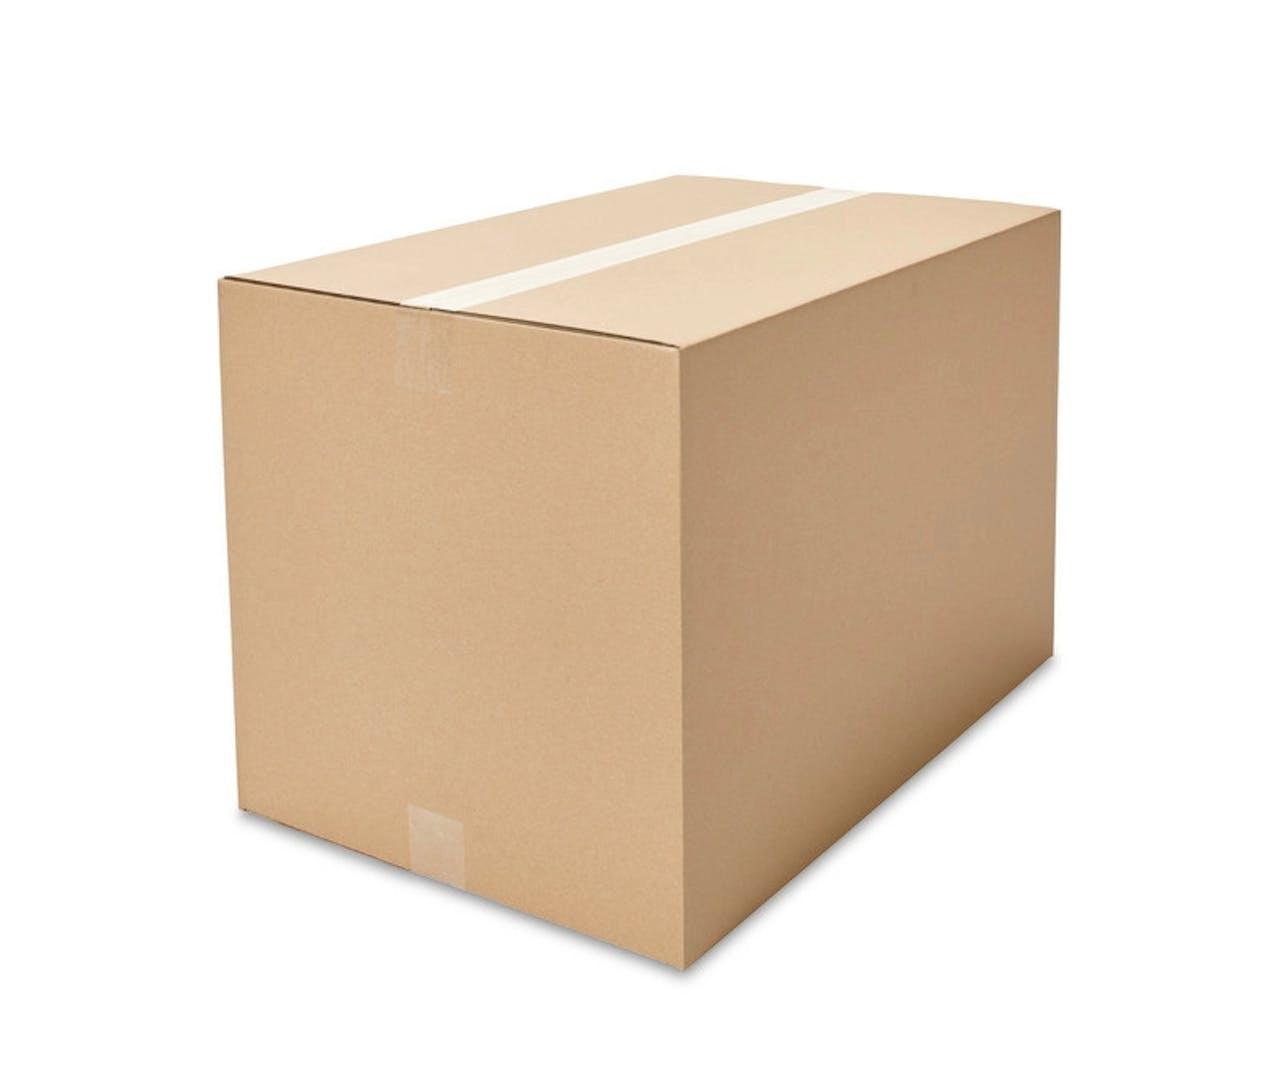 Caisses pliantes carton ondulé ECONOMY, 450à 499mm de longueur, Var: ekz110